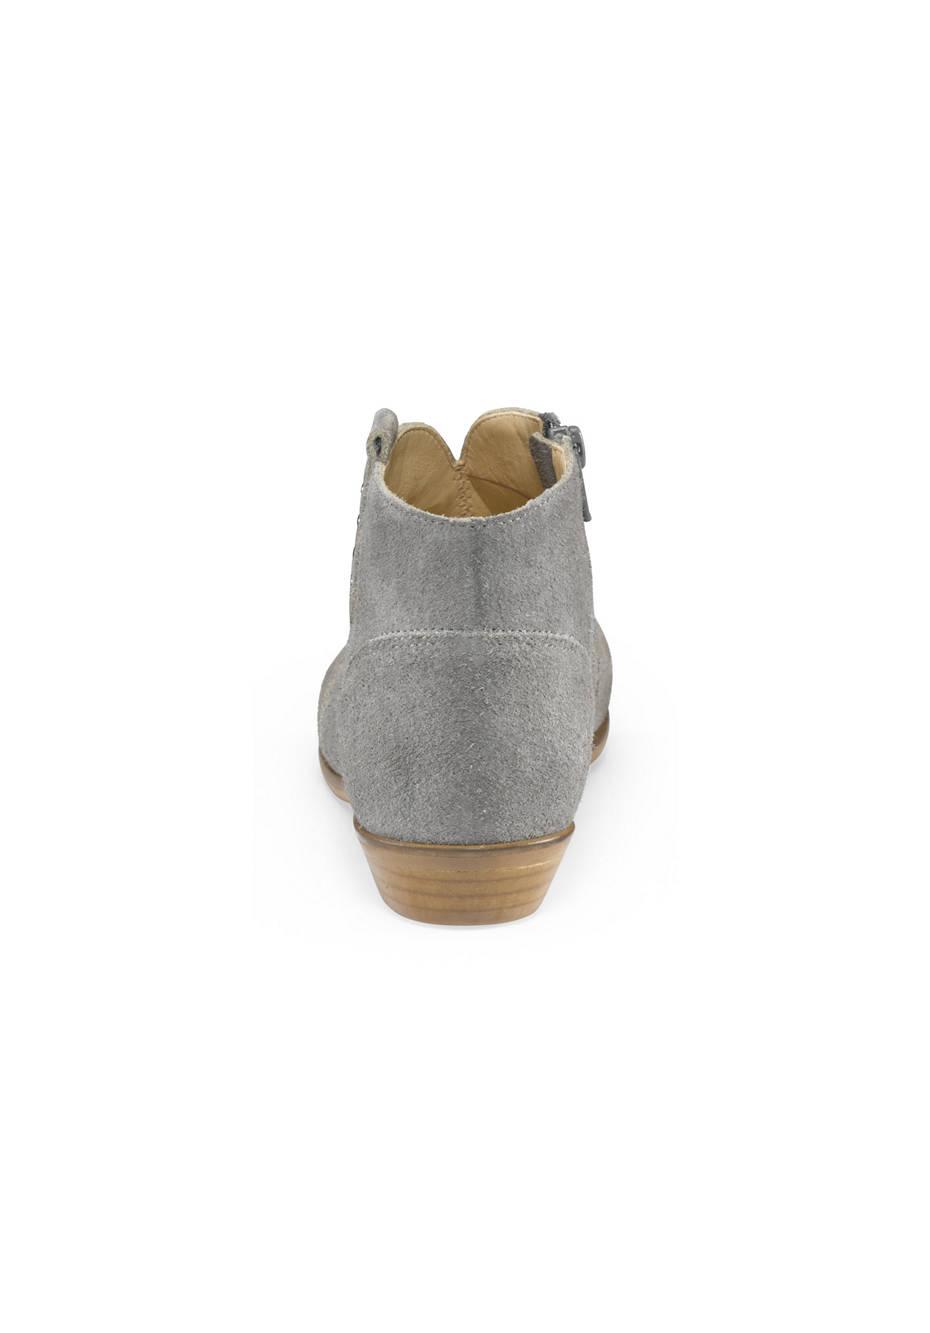 Damen Stiefelette aus Veloursleder